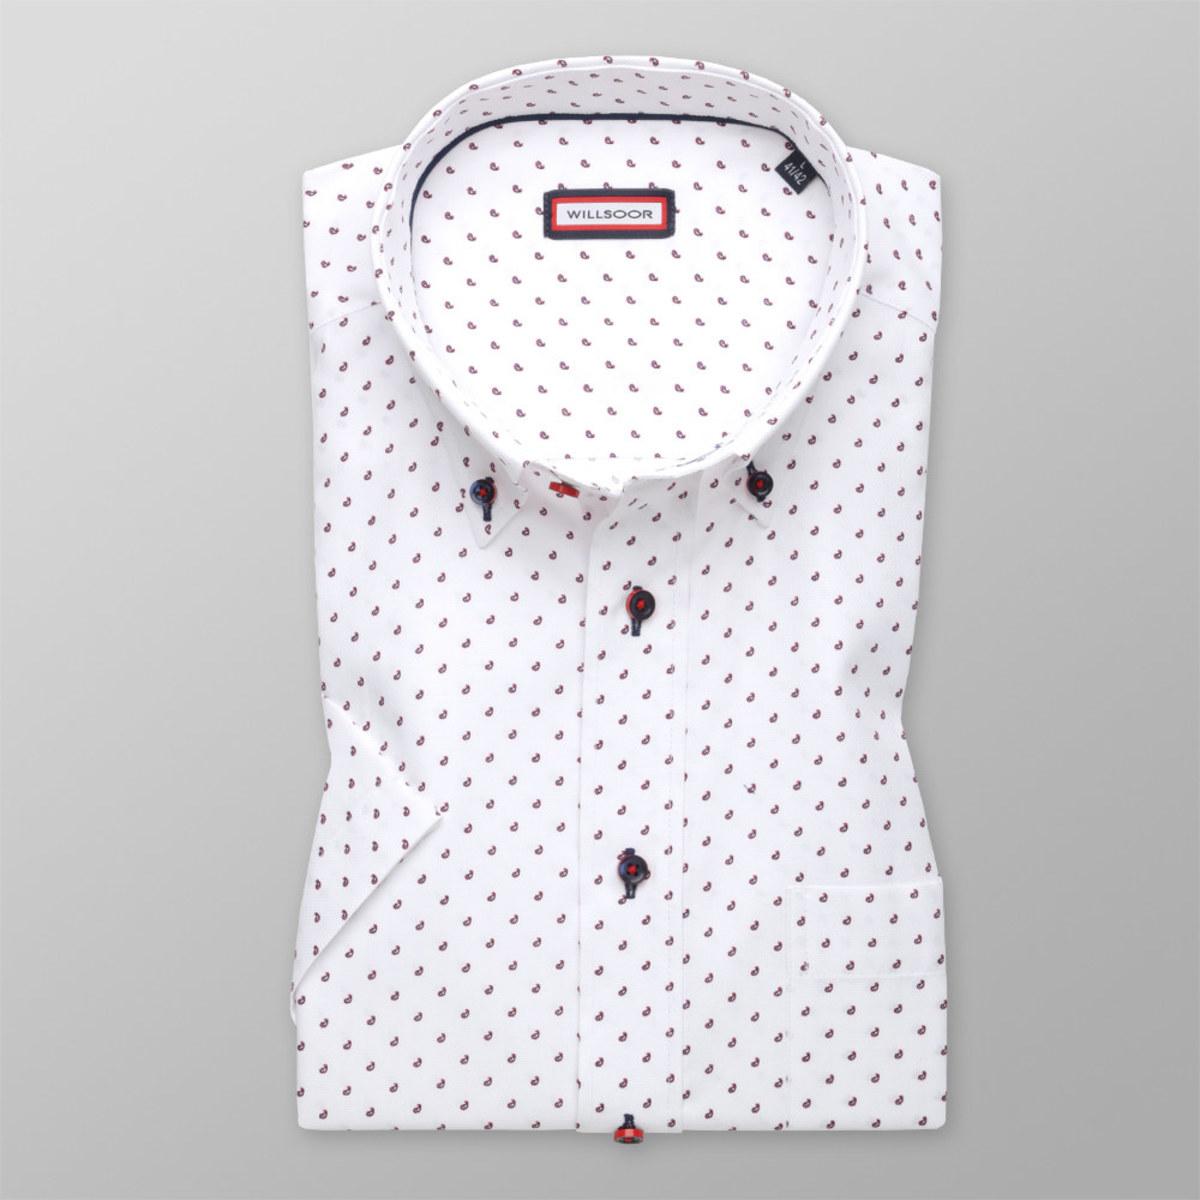 Košeľa klasická s potlačou kvapiek (výška 176 - 182) 10590 176-182 / XL (43/44)